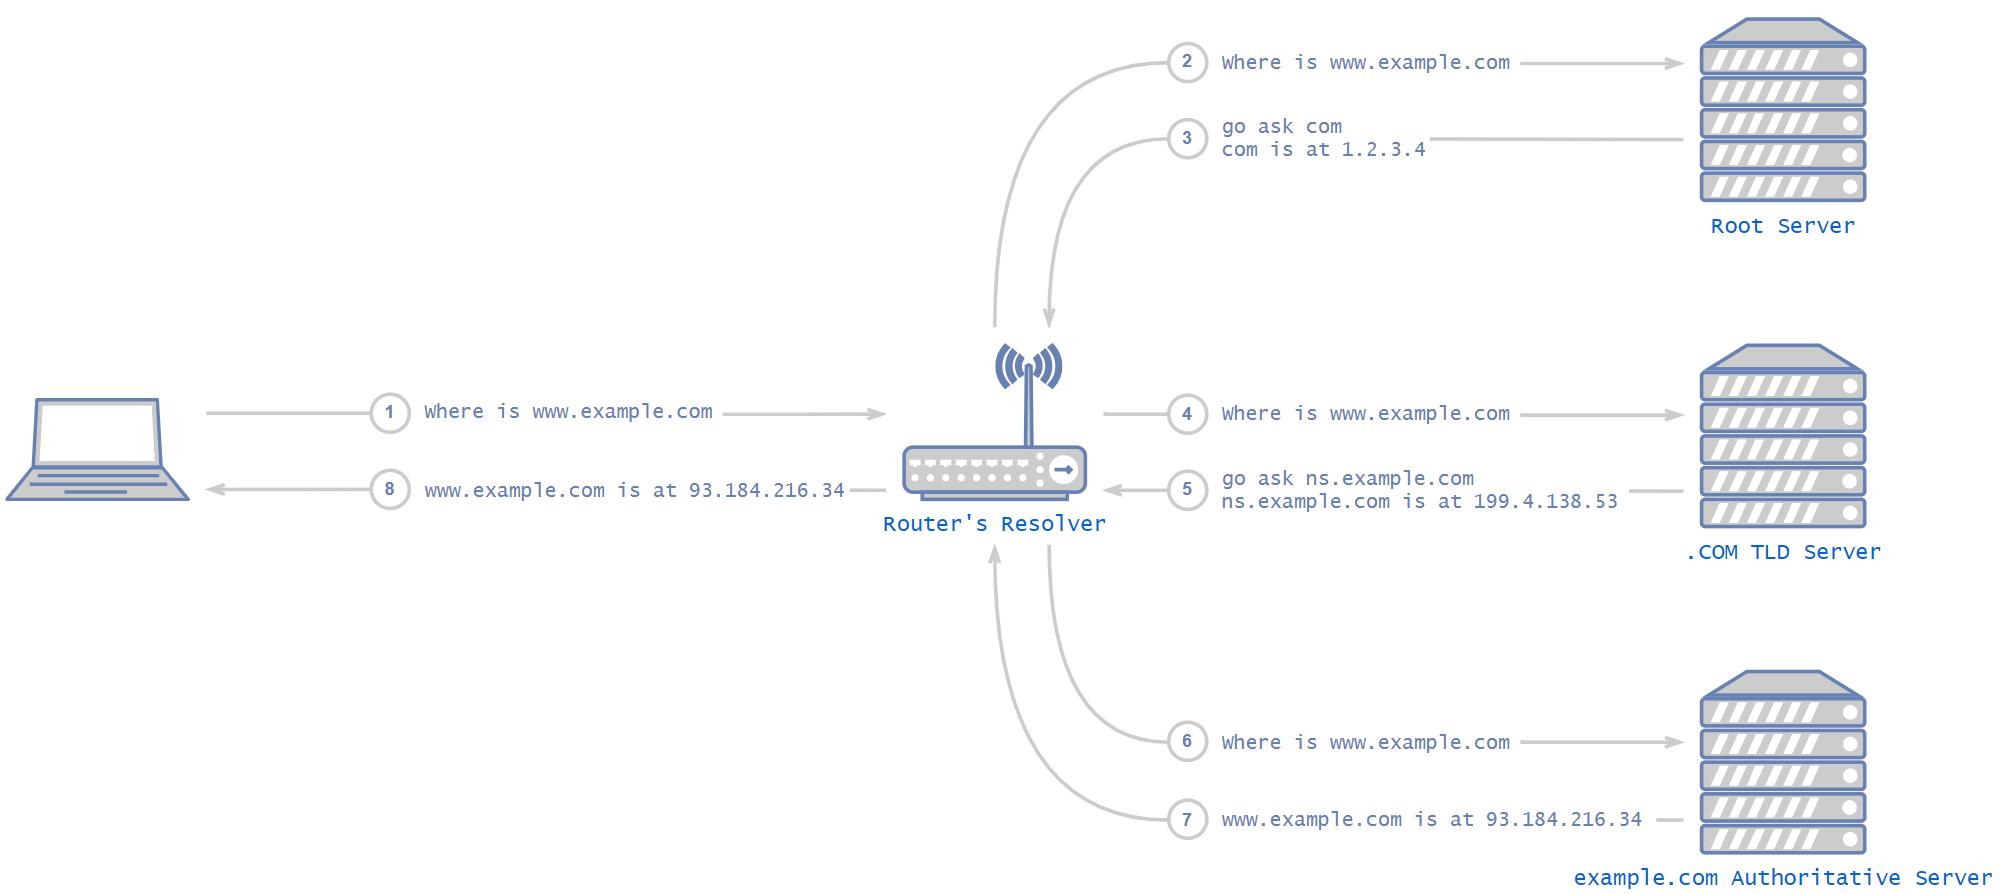 このDNSプロトコルの図は、要求がデバイスからルーターのリゾルバ、そしてルートサーバー、TLDサーバー、要求されたWebサイトの権威サーバーへと流れる模様を示しています。